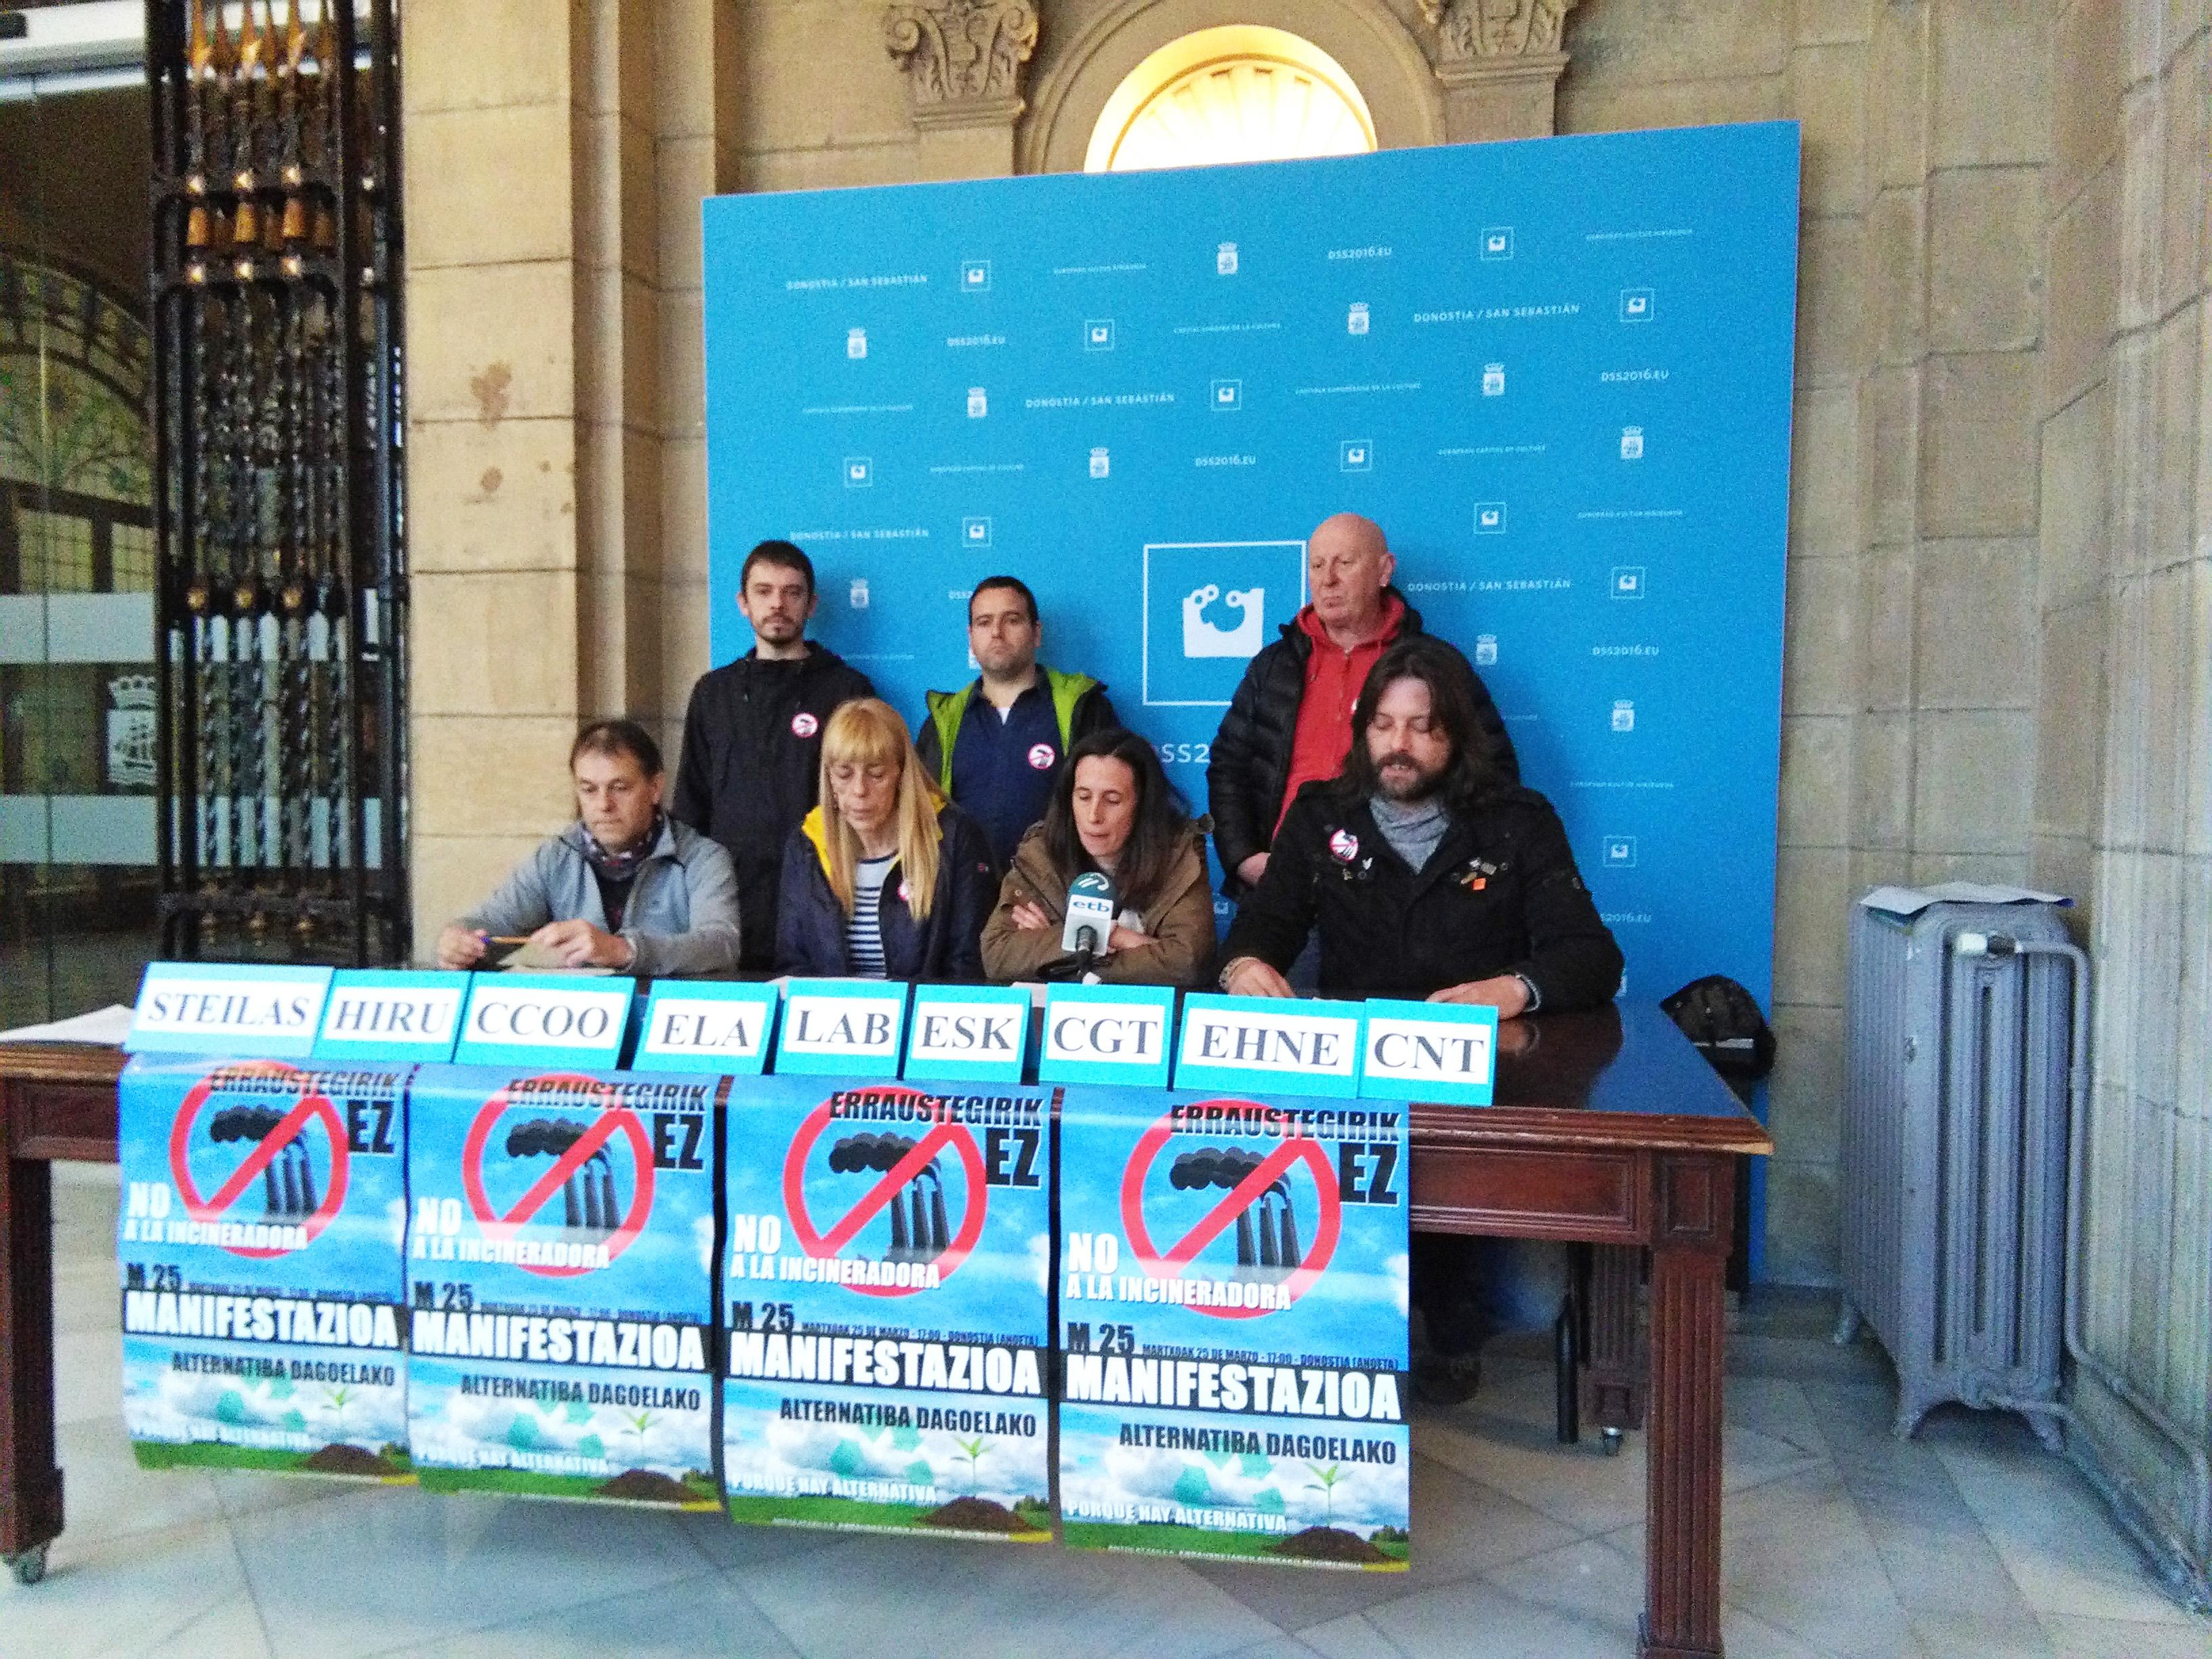 Los sindicatos CCOO, CGT, CNT, EHNE, ELA, ESK, HIRU, LAB y STEILAS muestran su apoyo a la manifestación del sábado